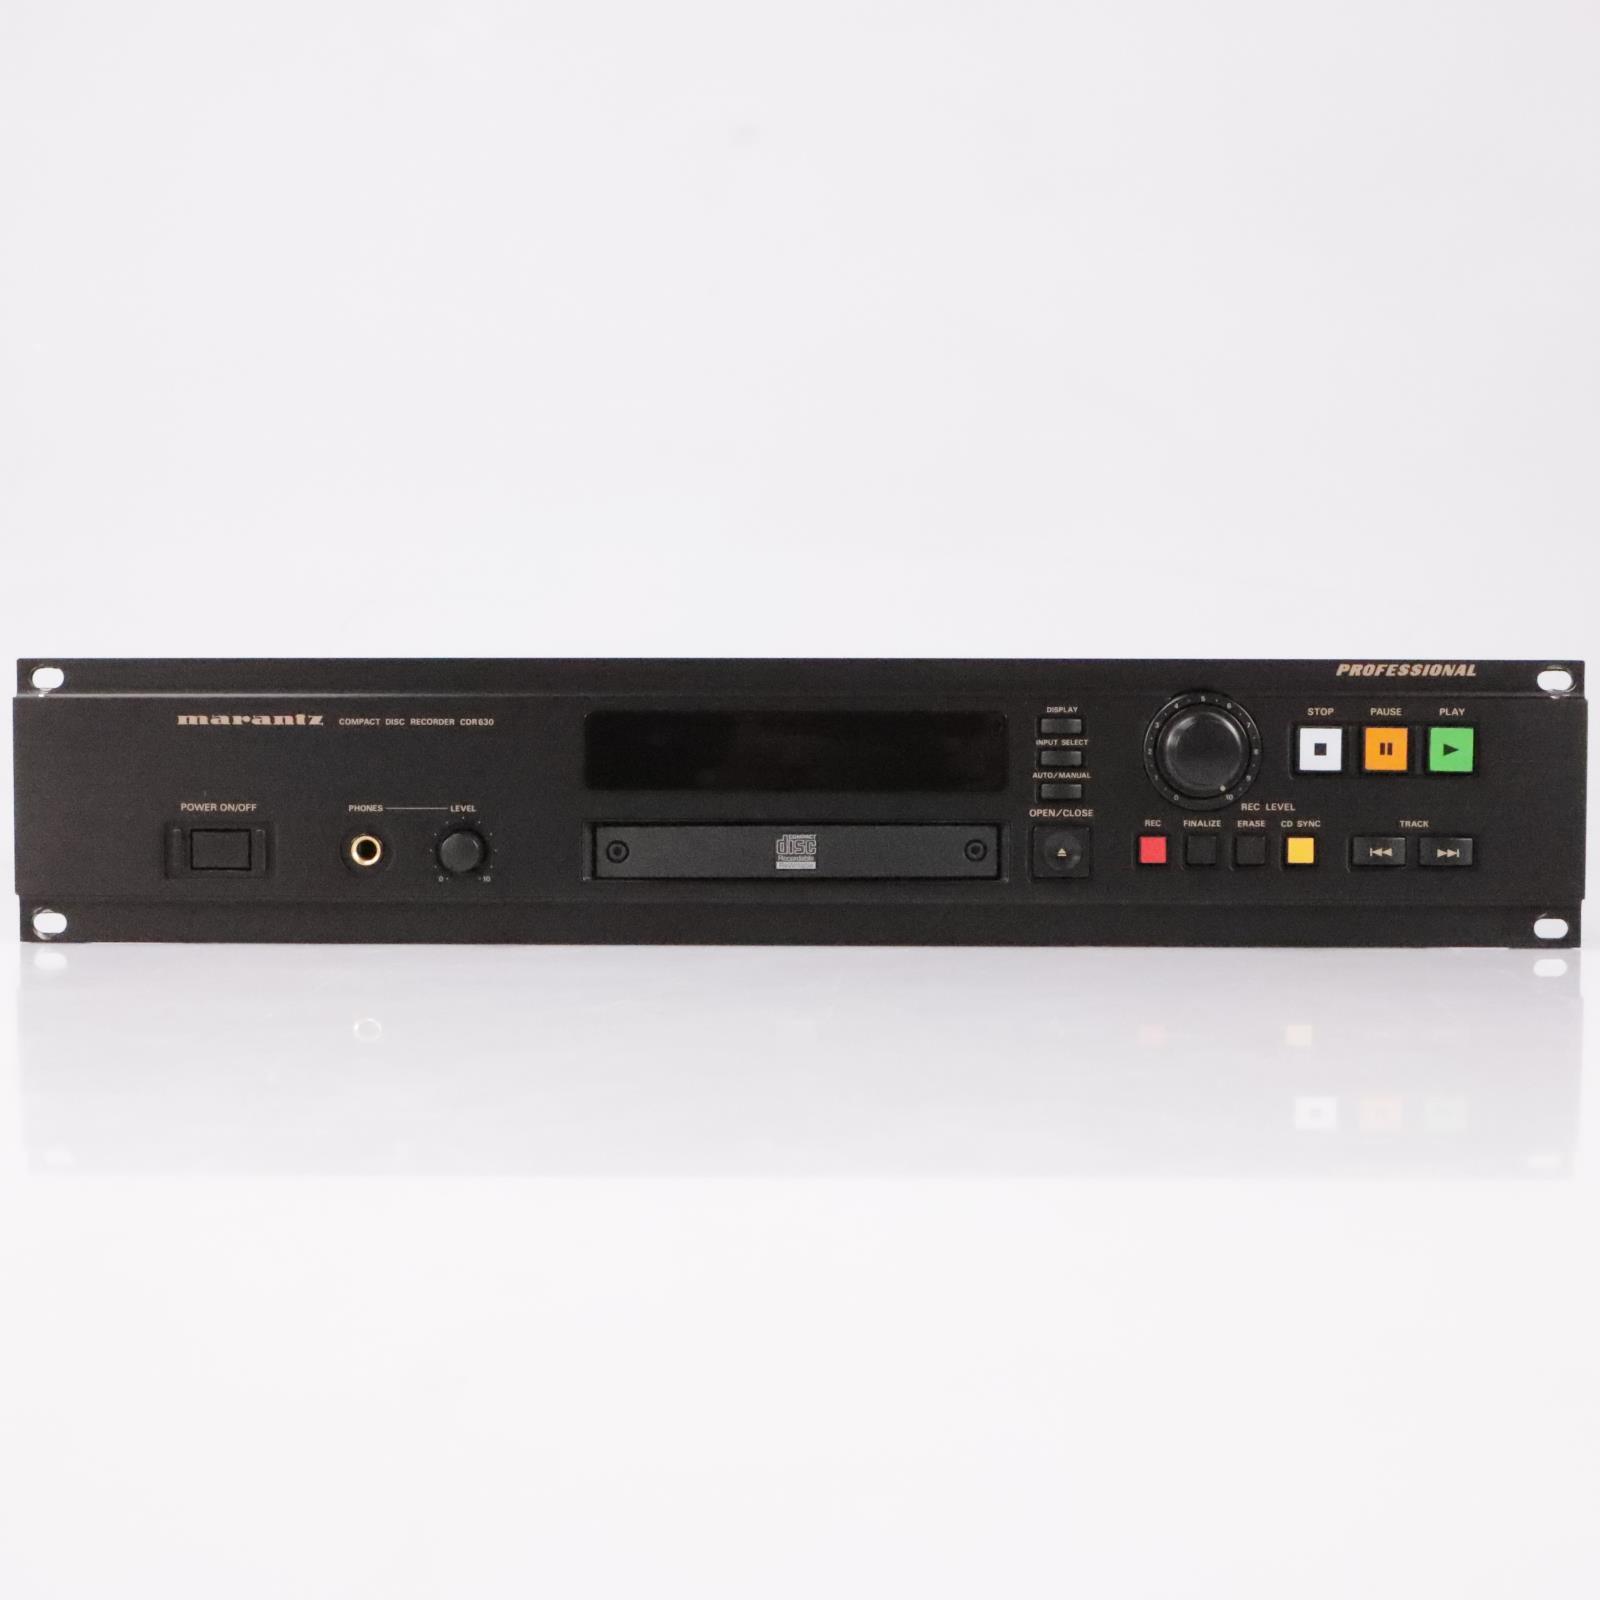 Marantz CDR630 Compact Disc CD Recorder #35630